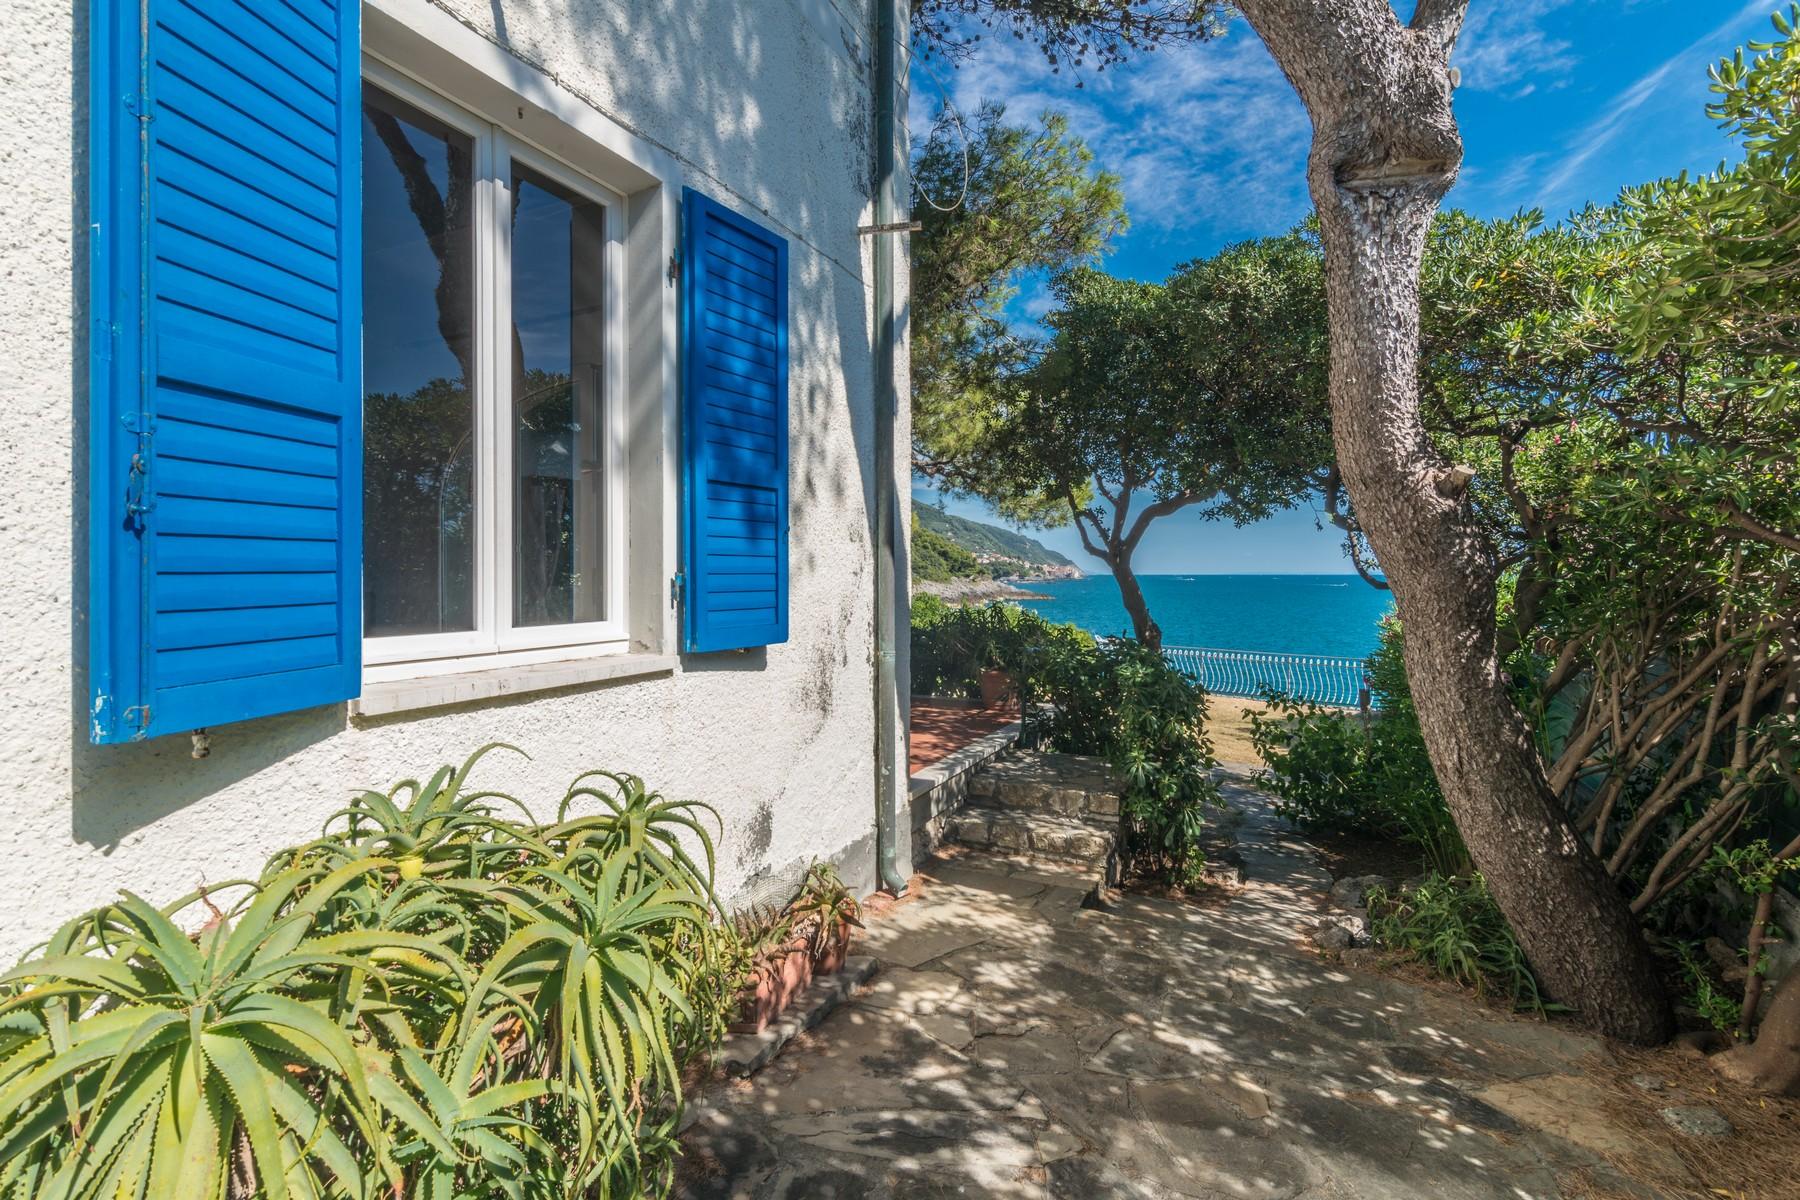 Casa indipendente in Vendita a Lerici: 3 locali, 130 mq - Foto 9